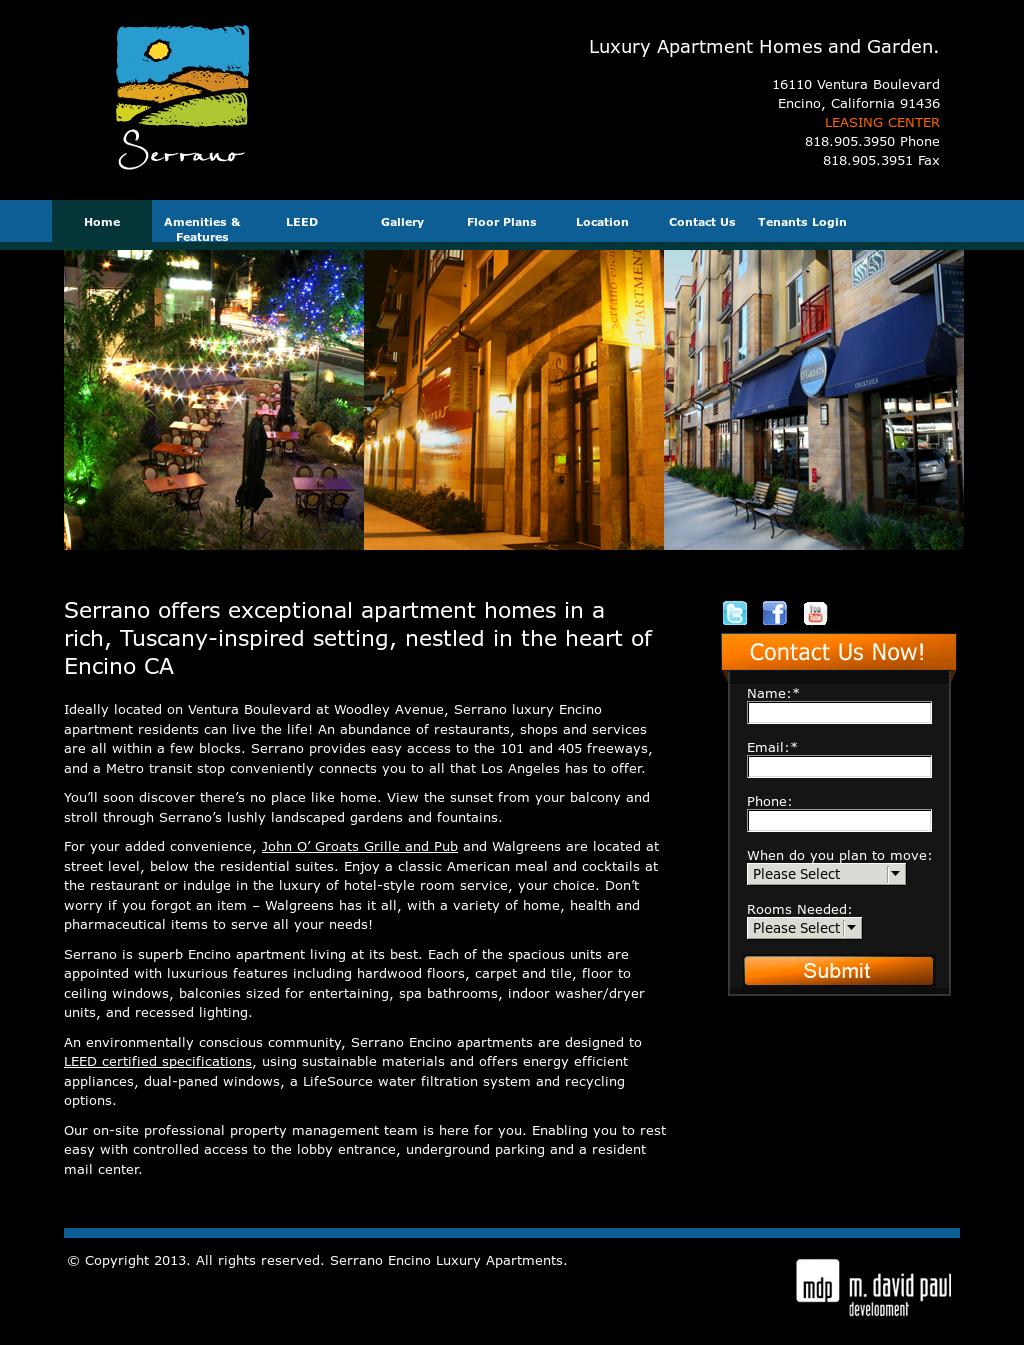 Serrano Encino Luxury Apartments California